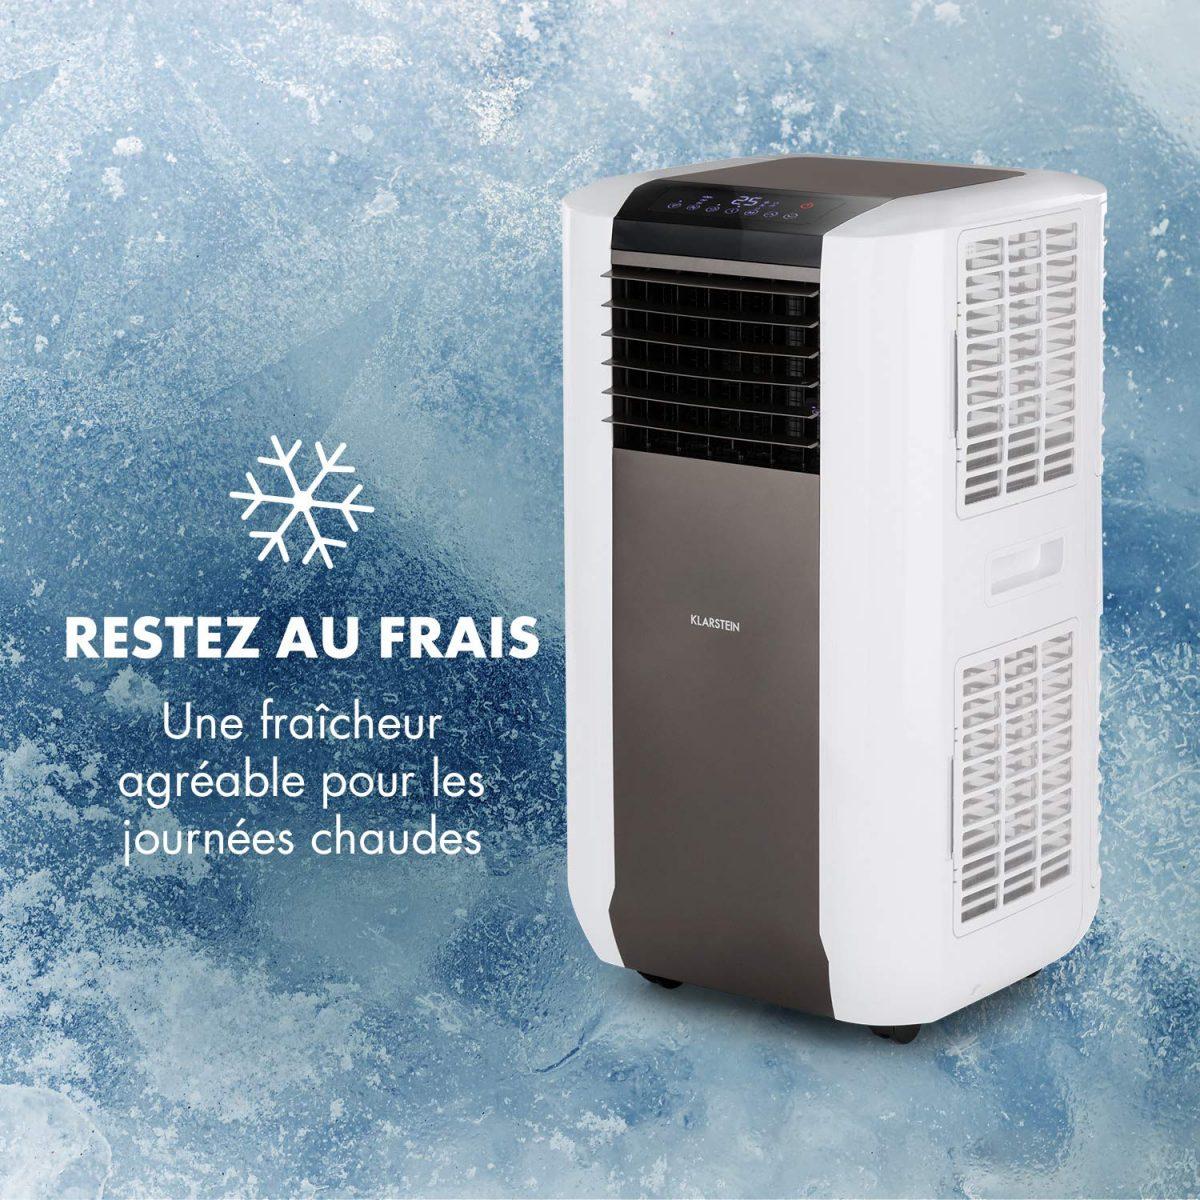 Climatiseur mobile compacte